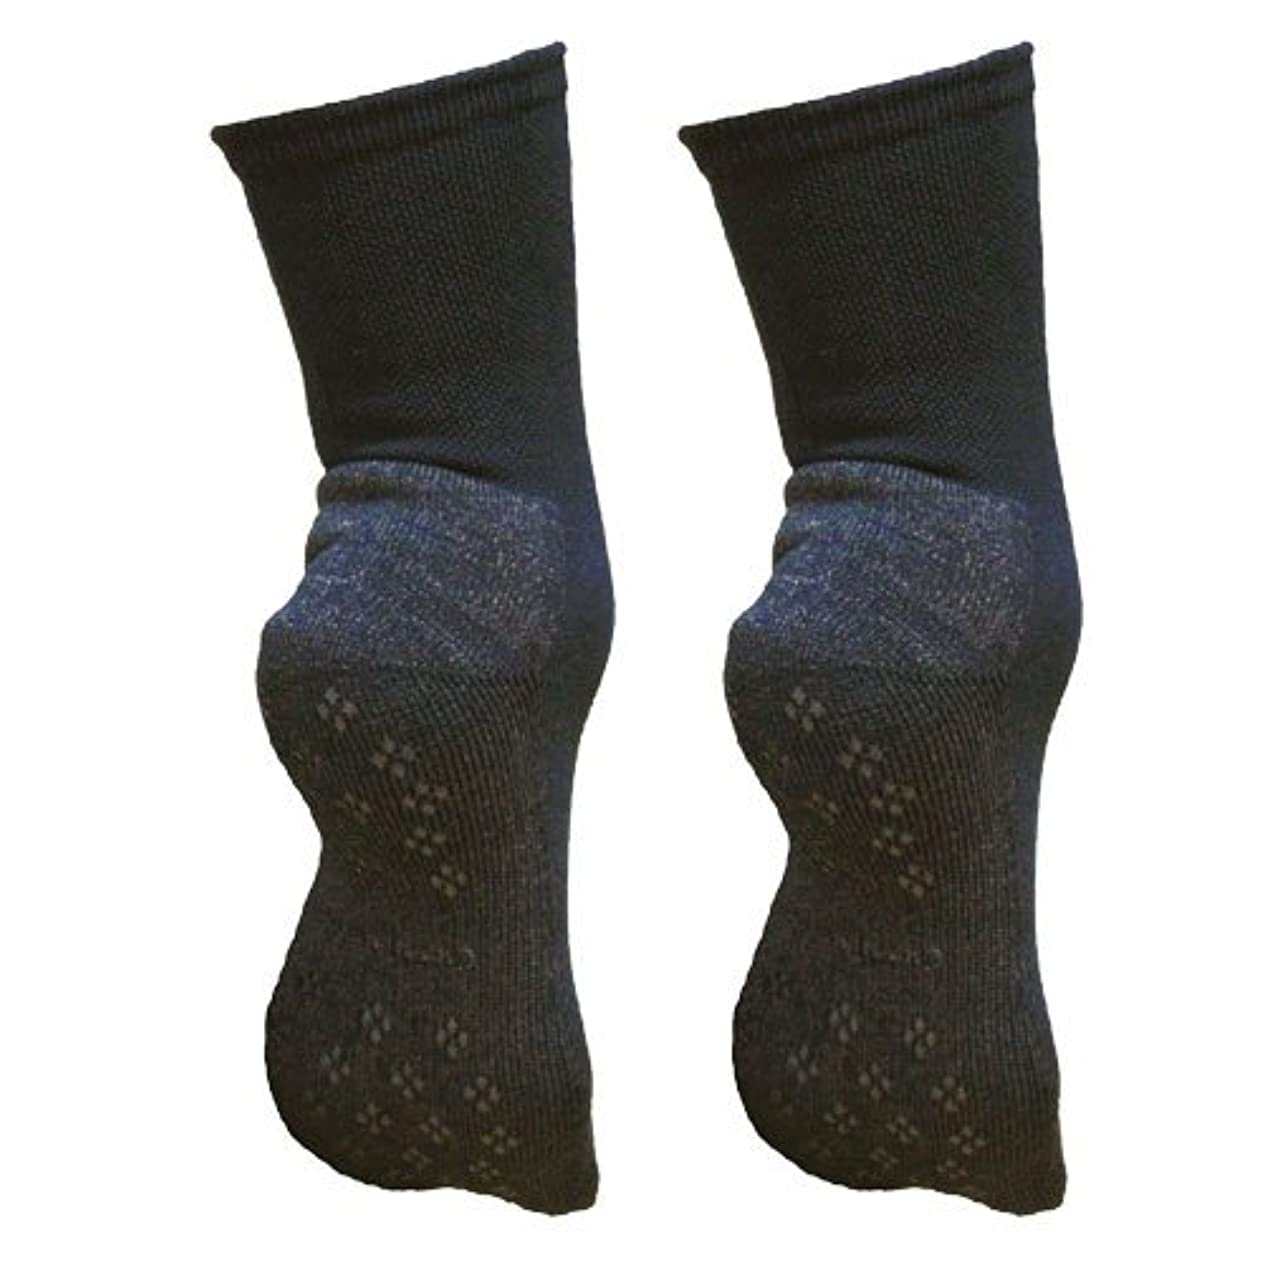 引き算戦術消費者銅繊維靴下「足もとはいつも青春」パイルタイプ2足セット 靴底のあたたかさ重視